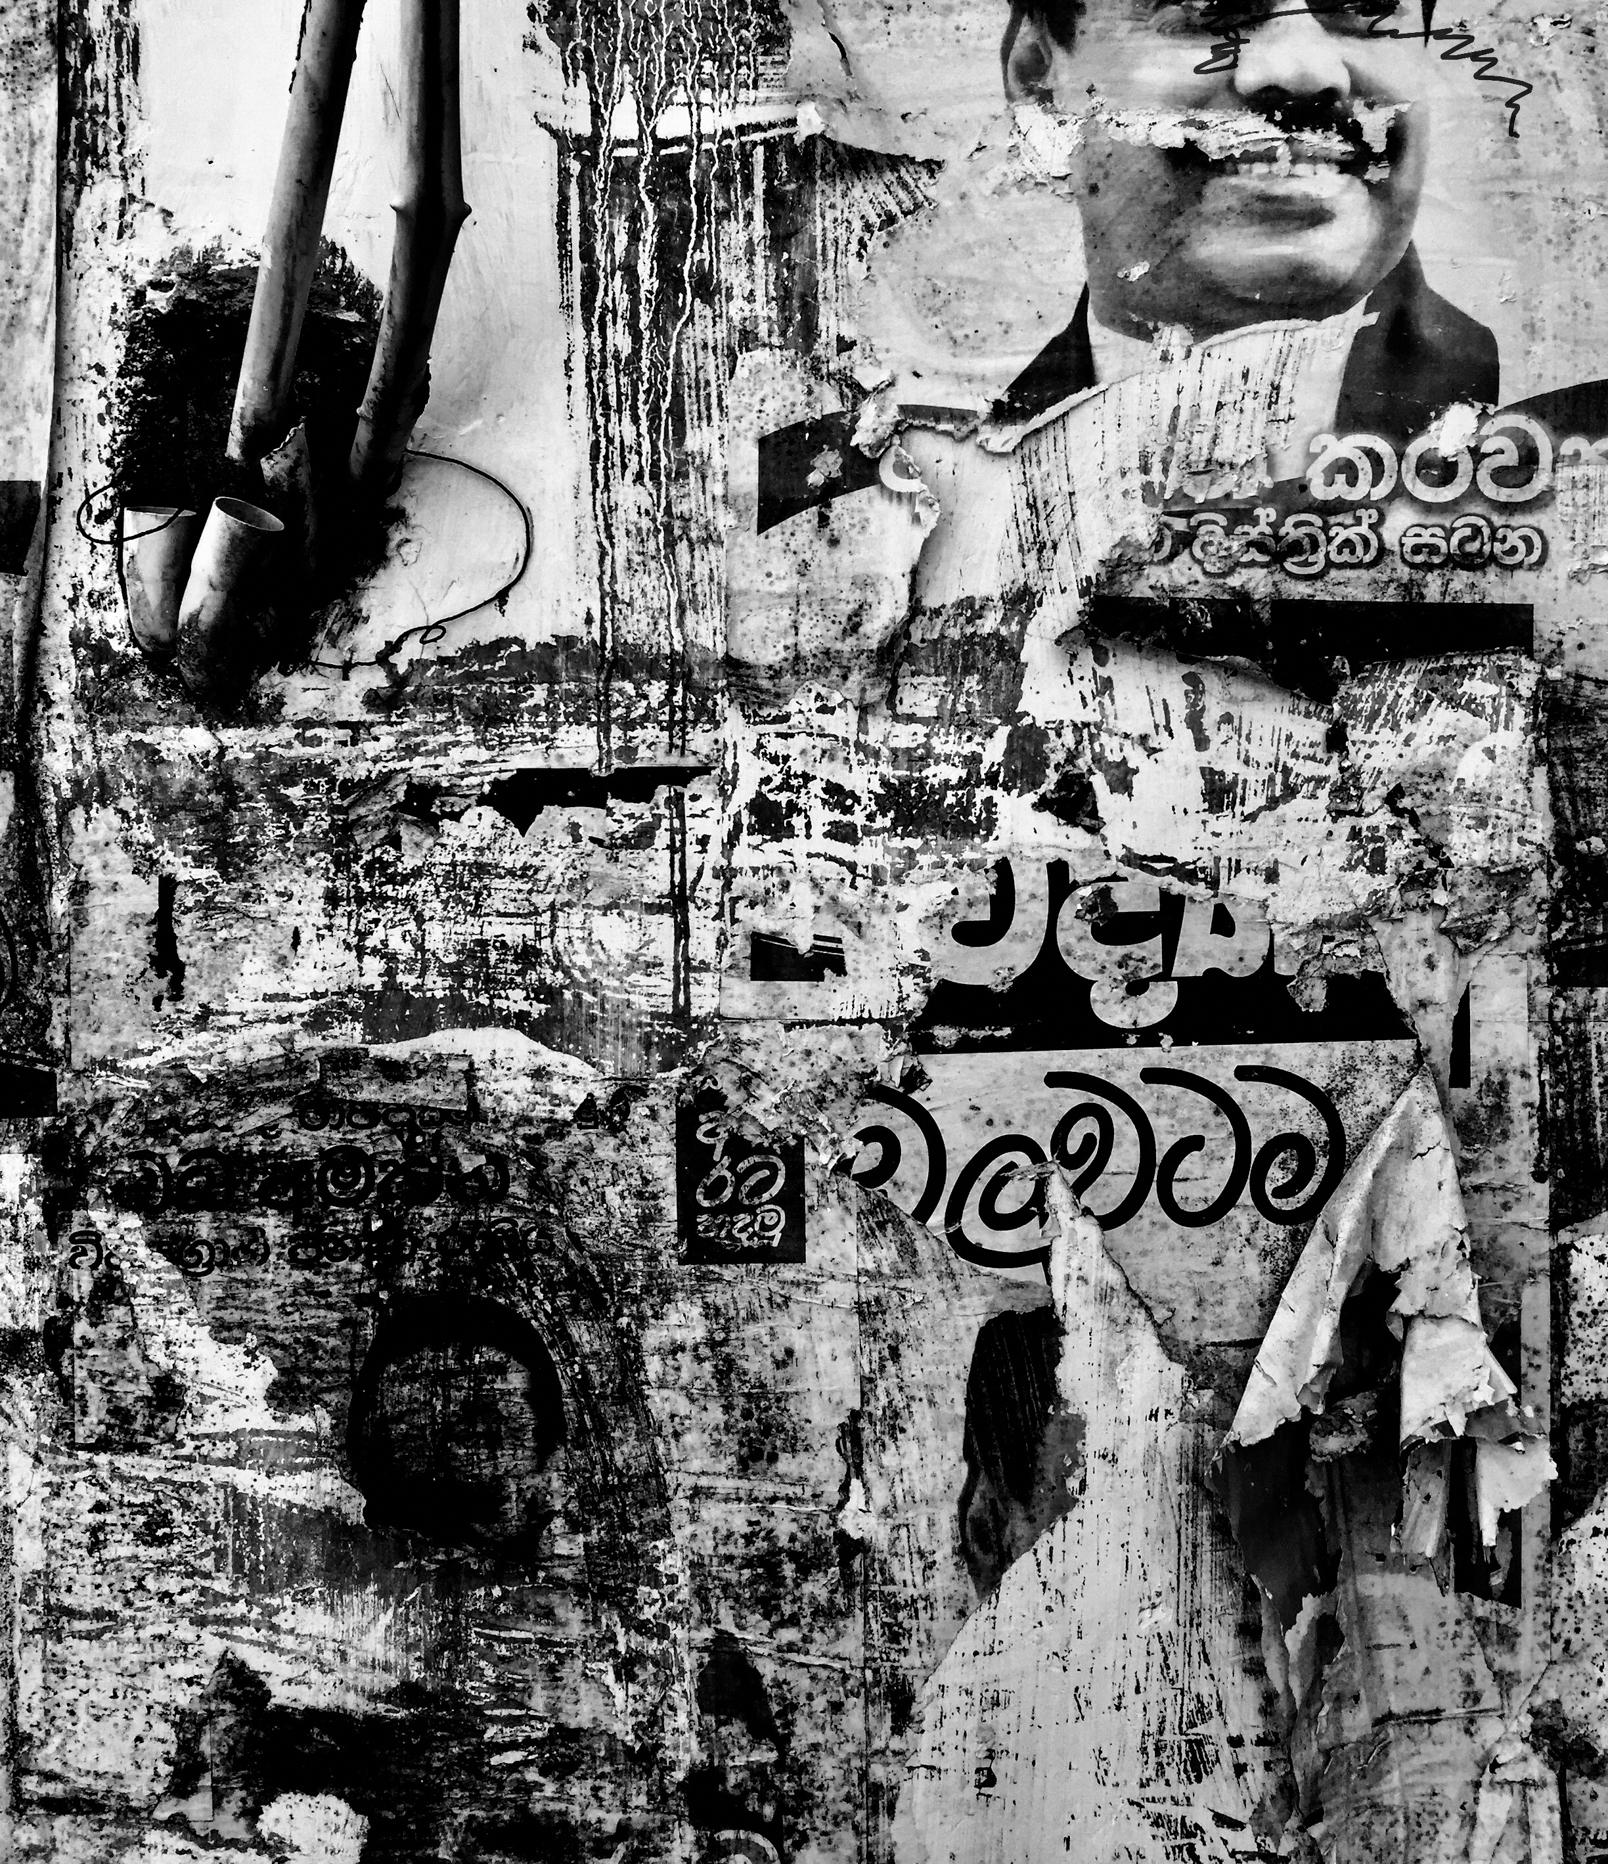 srilanka-9.jpg